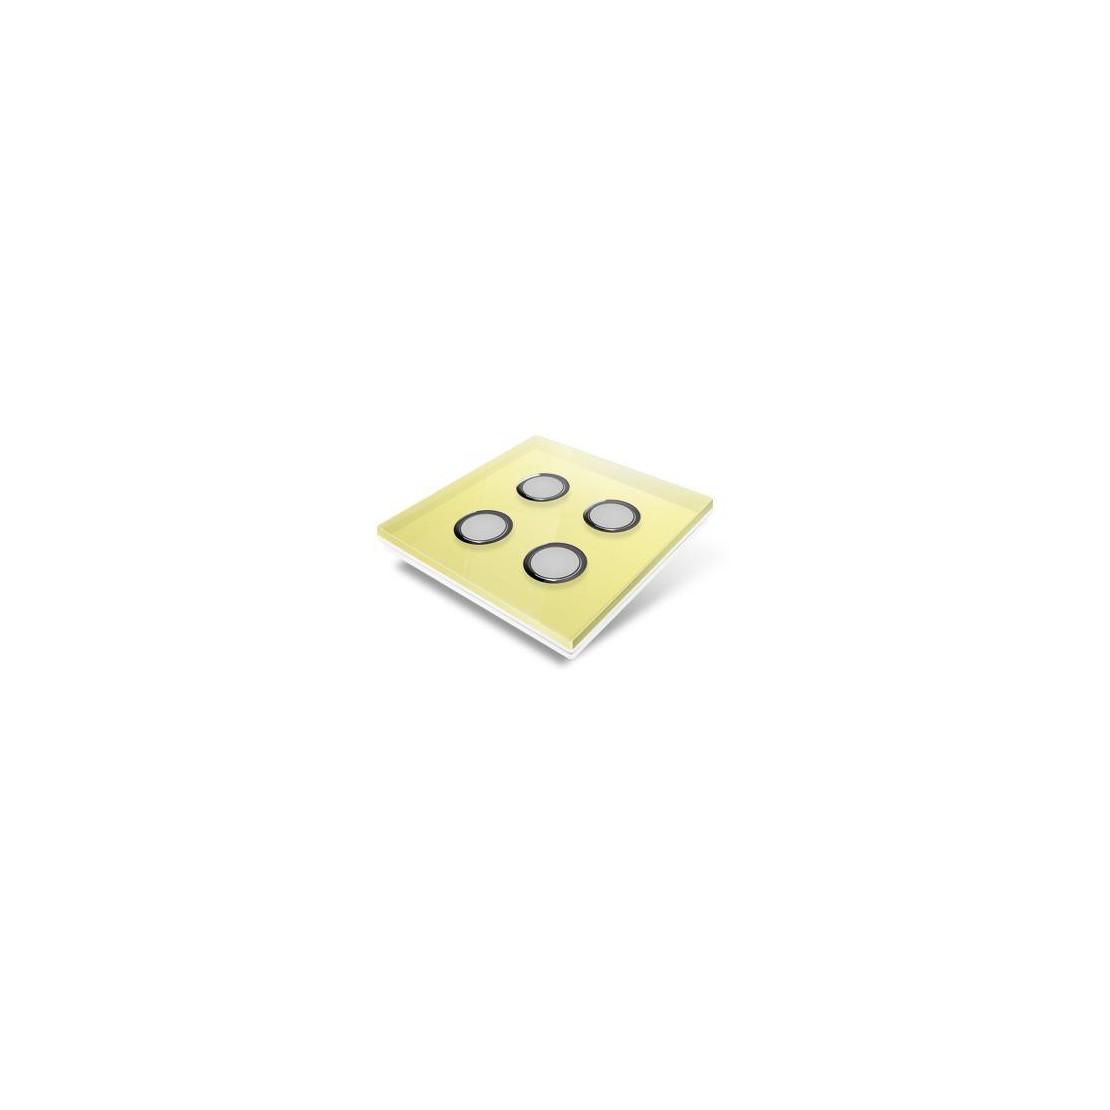 Cubierta para interruptor Edisio - crystal amarillo